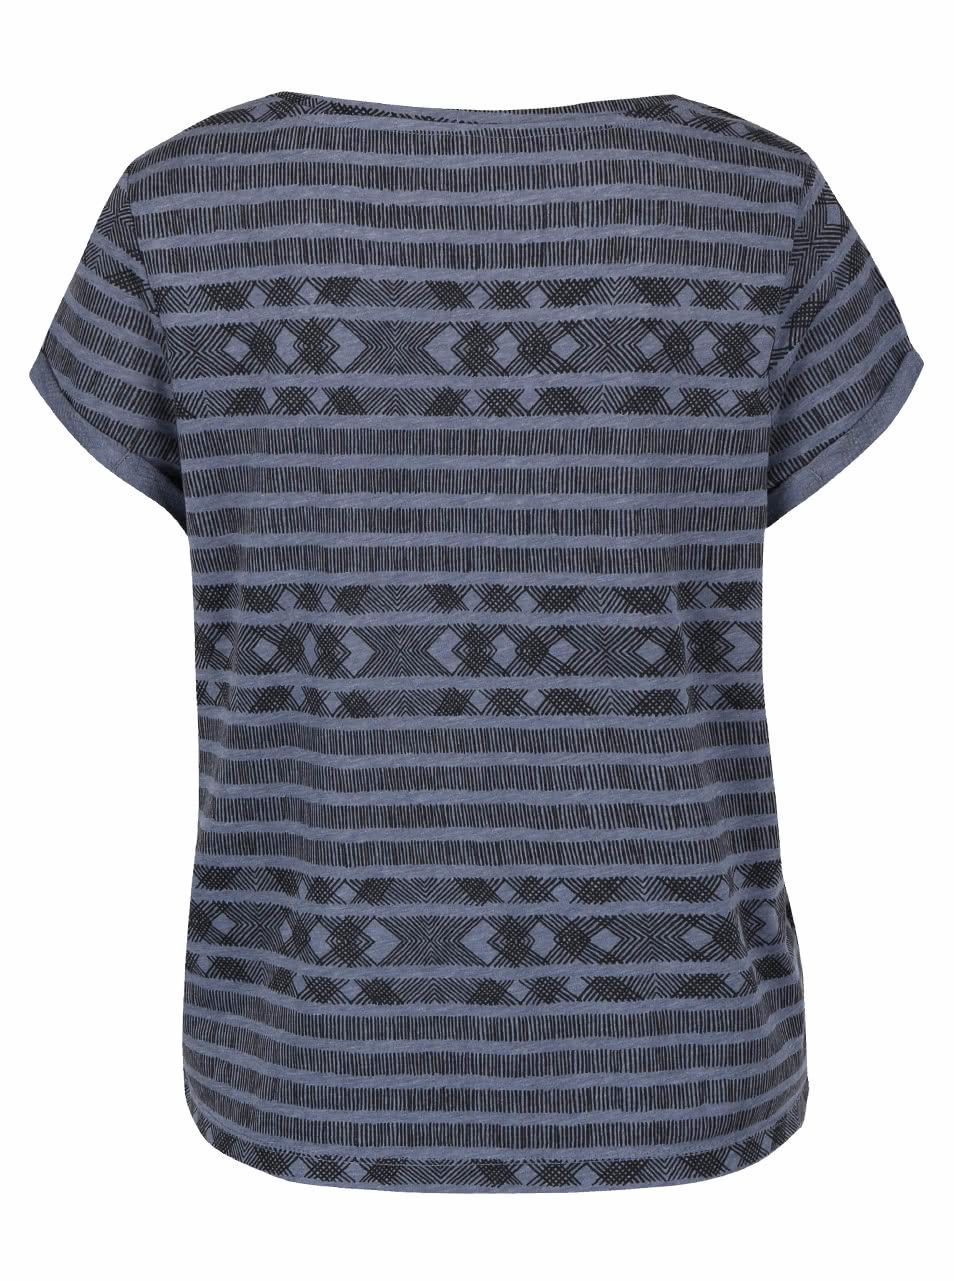 53b44fb96b130 Modré dámske vzorované tričko QS by s.Oliver   ZOOT.sk